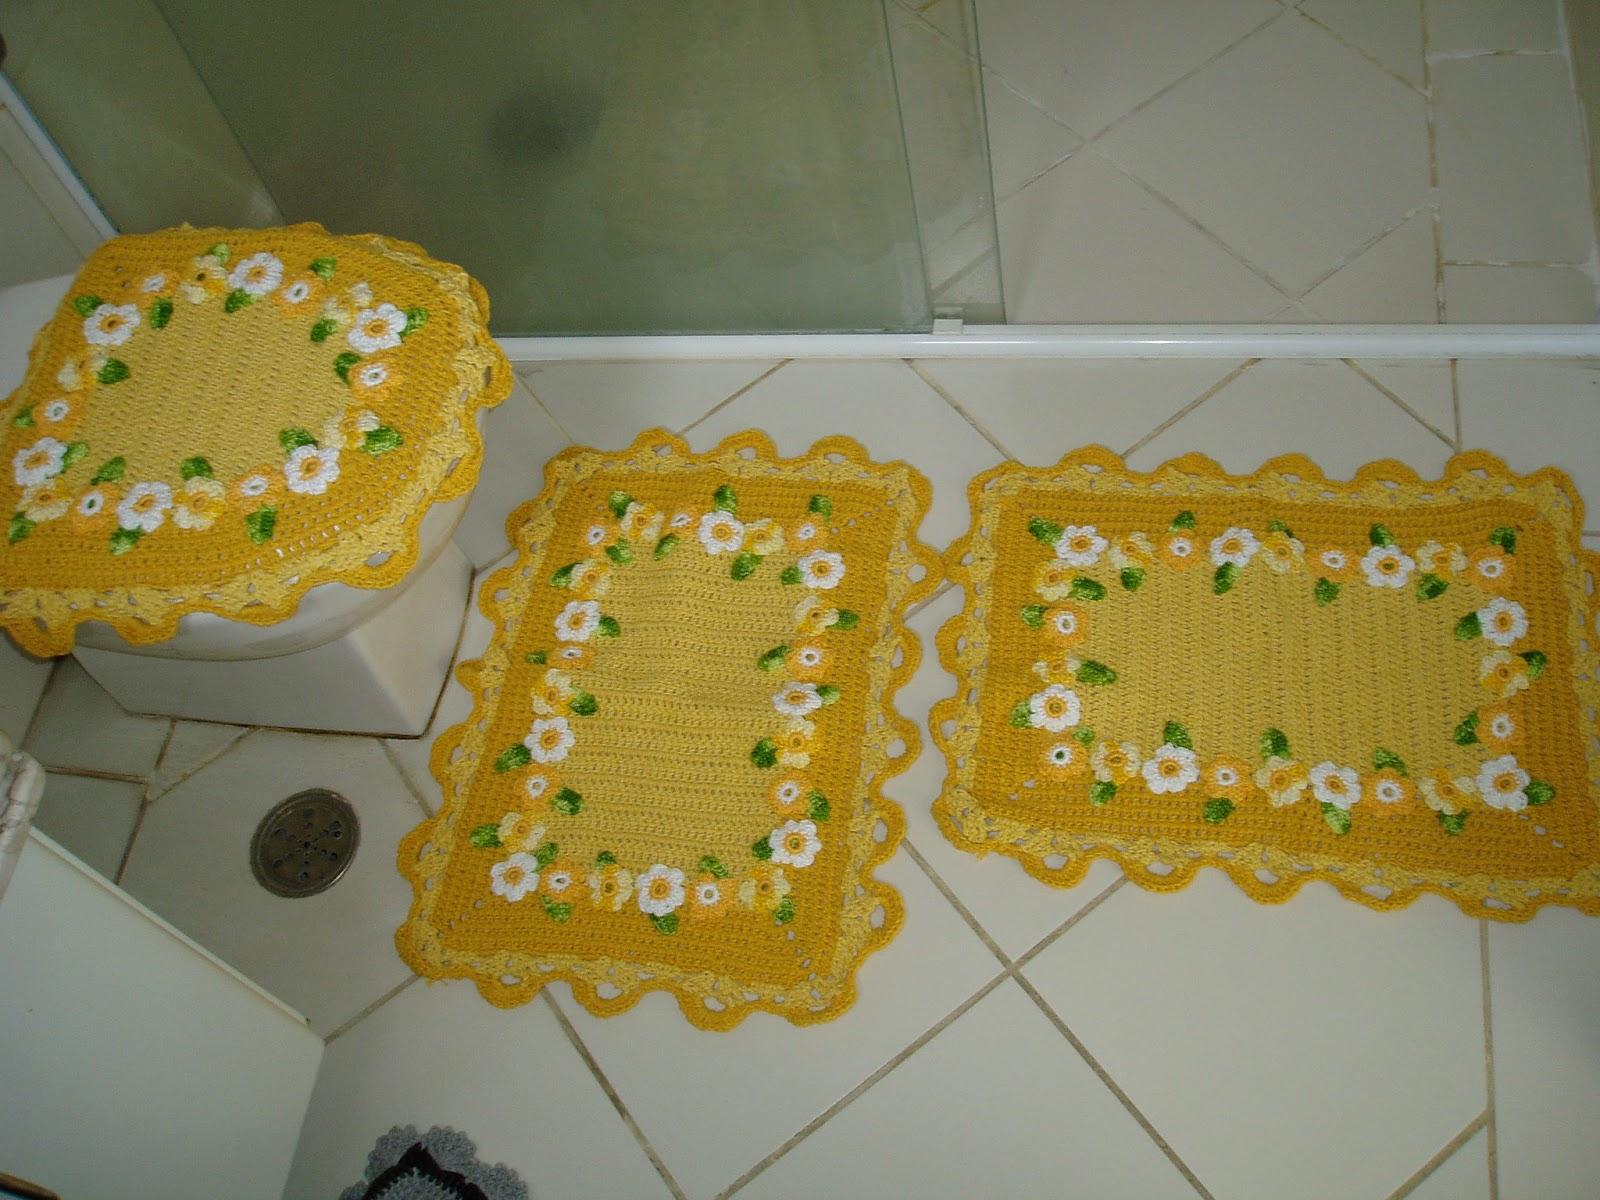 Tecendo Receitas: Jogo de banheiro em croche margaridas amarelas  #6D5114 1600x1200 Acessórios Banheiro São Paulo